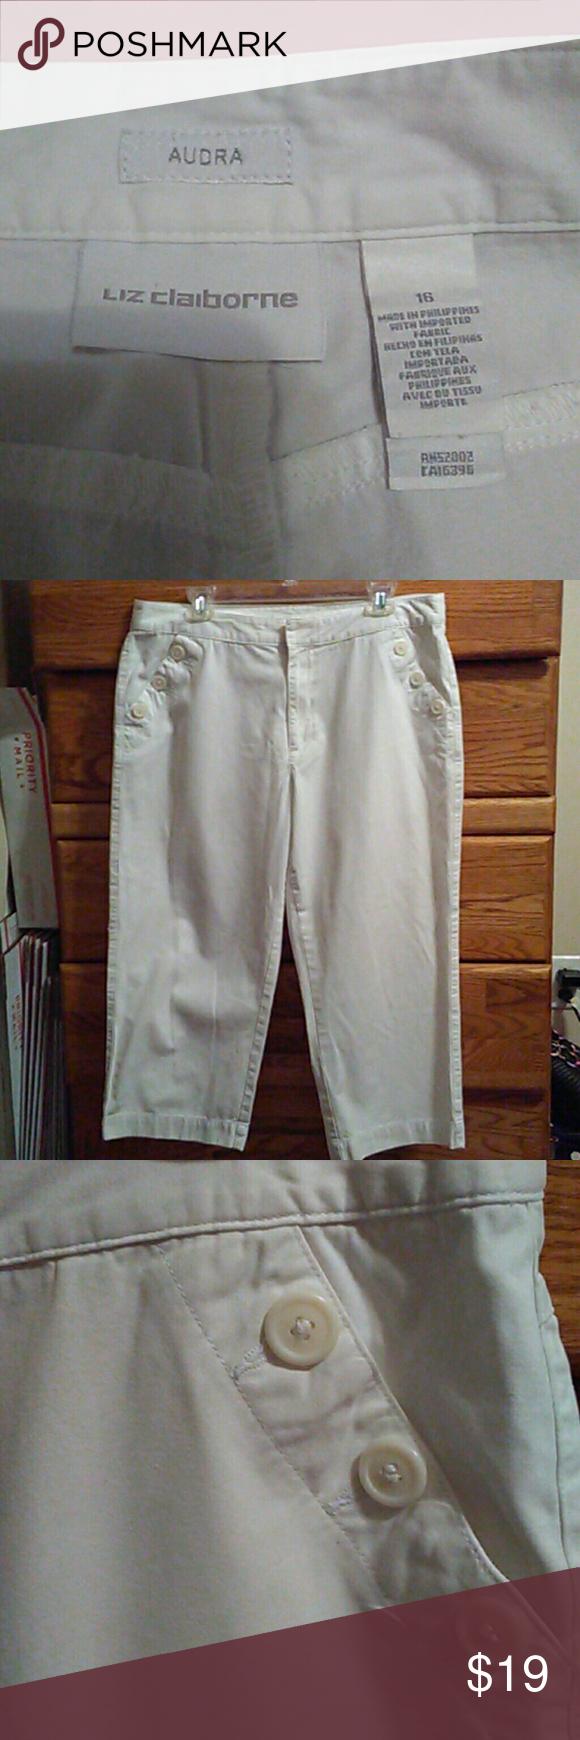 Liz Claiborne Capri Size 16/ snow white 100% cotton. Very cute with button front pockets. Liz Claiborne Pants Capris